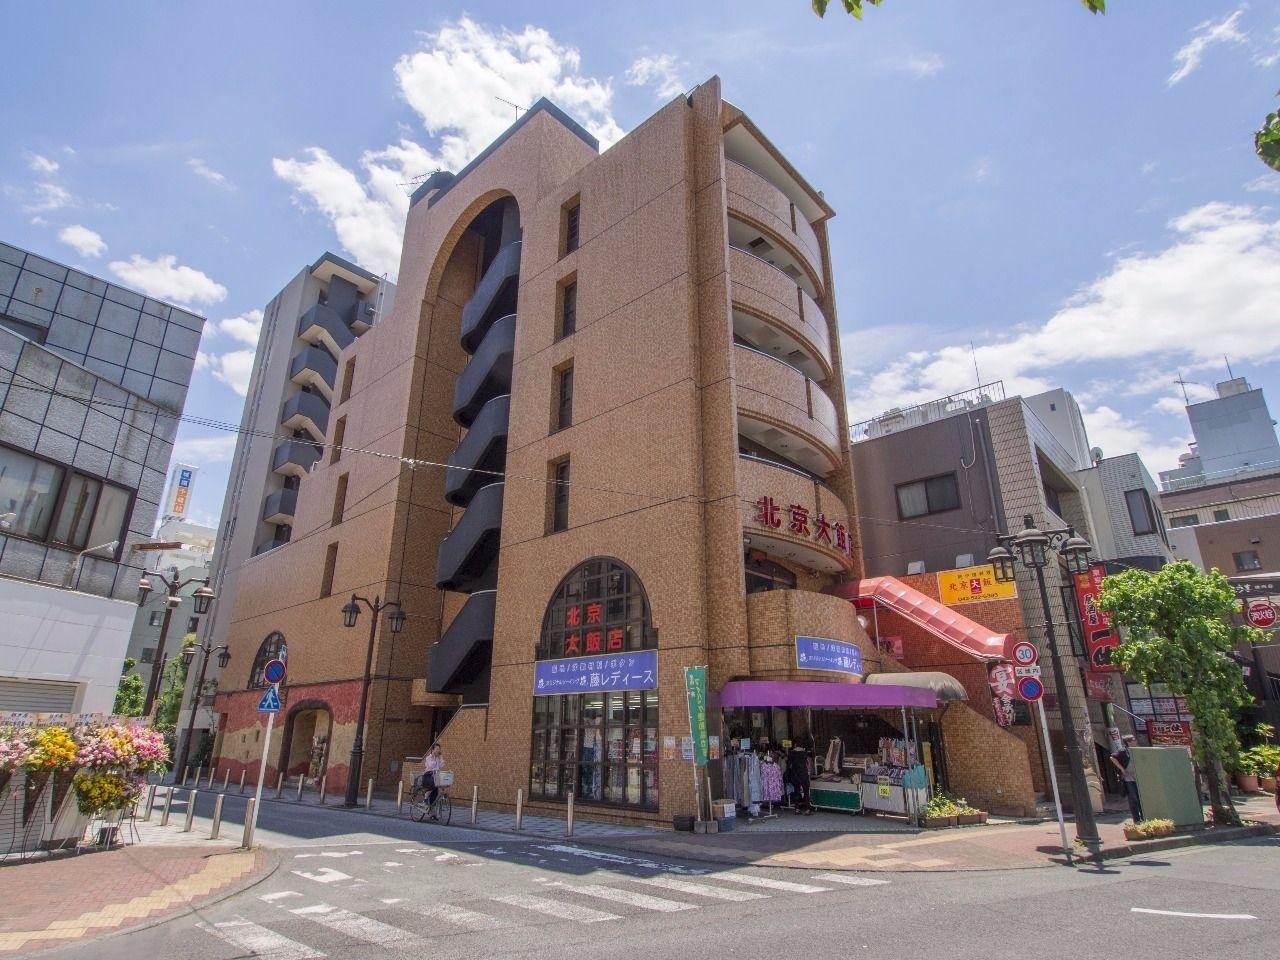 立川駅南口から徒歩4分の利便性の高い立地にあるマンション